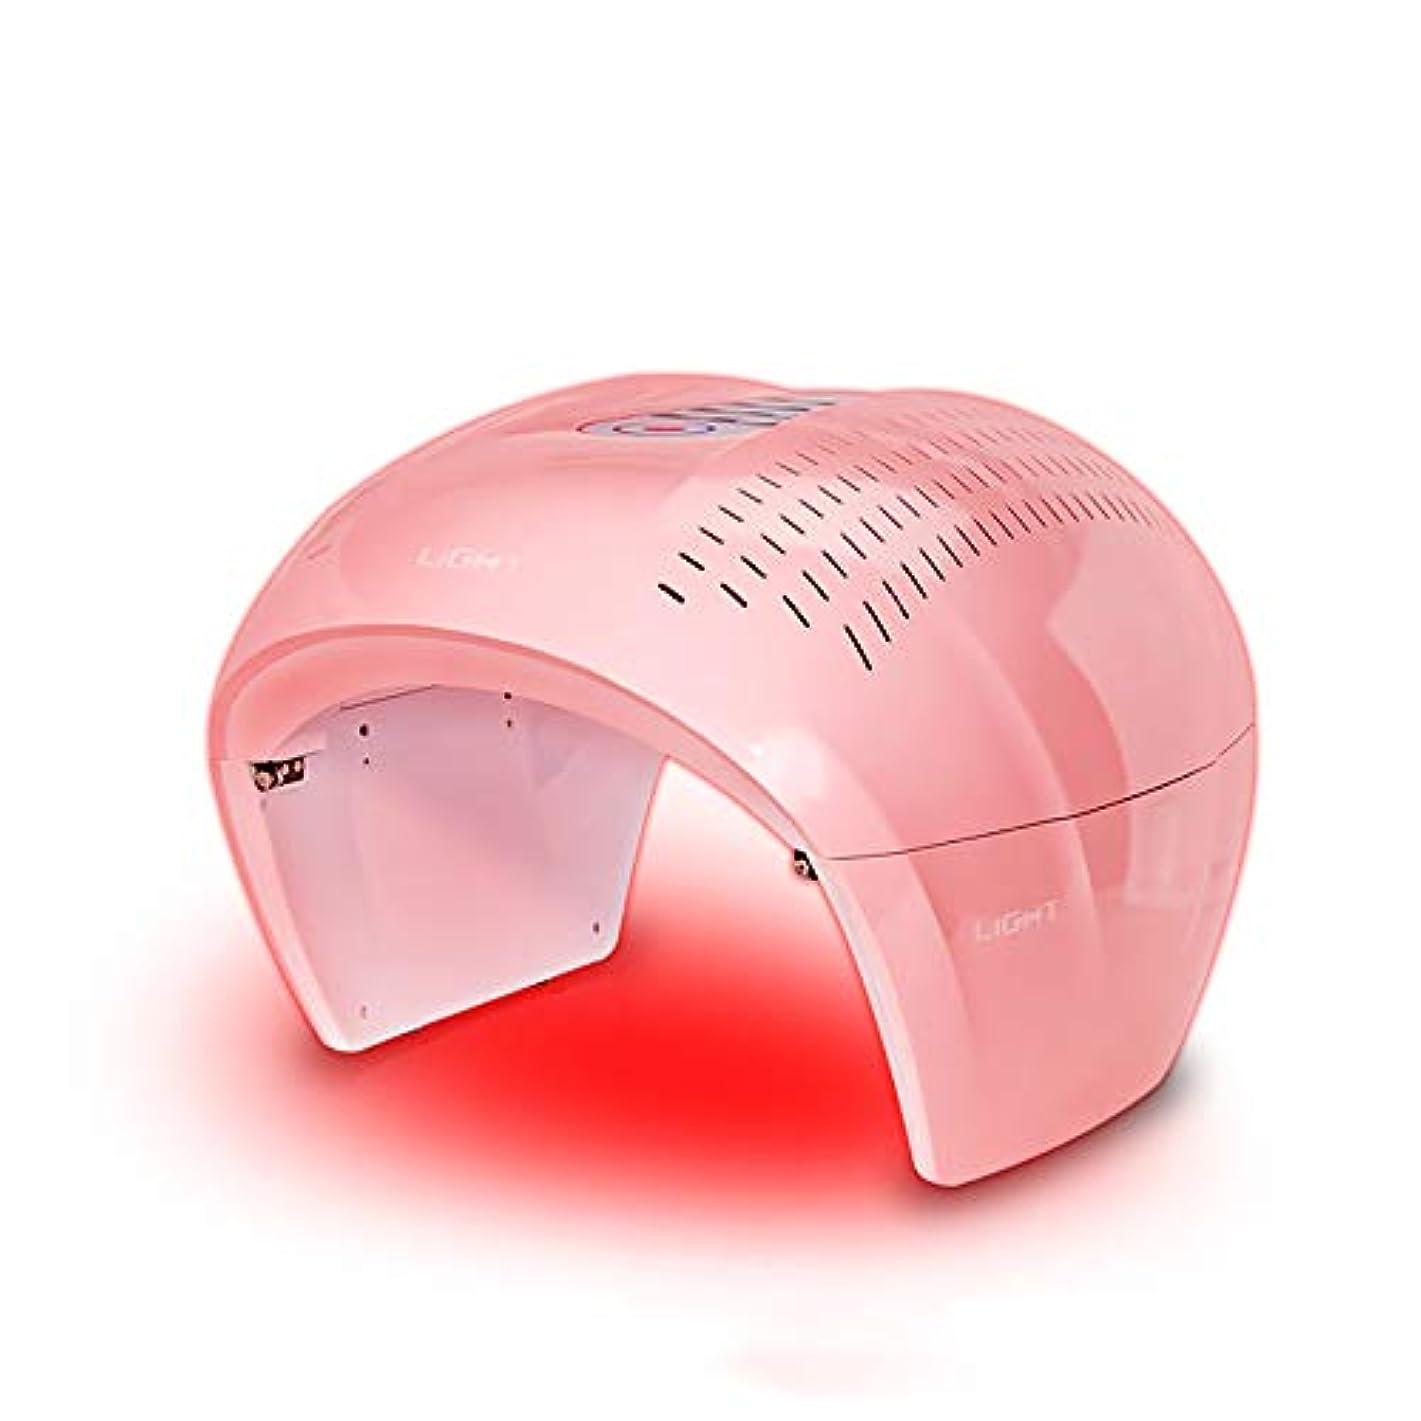 キノコ靄スローガン4色ledフェイシャルマスク療法ライトポータブルフォトンpdtにきび療法しわ除去アンチエイジング肌の若返りスキンケア美容機